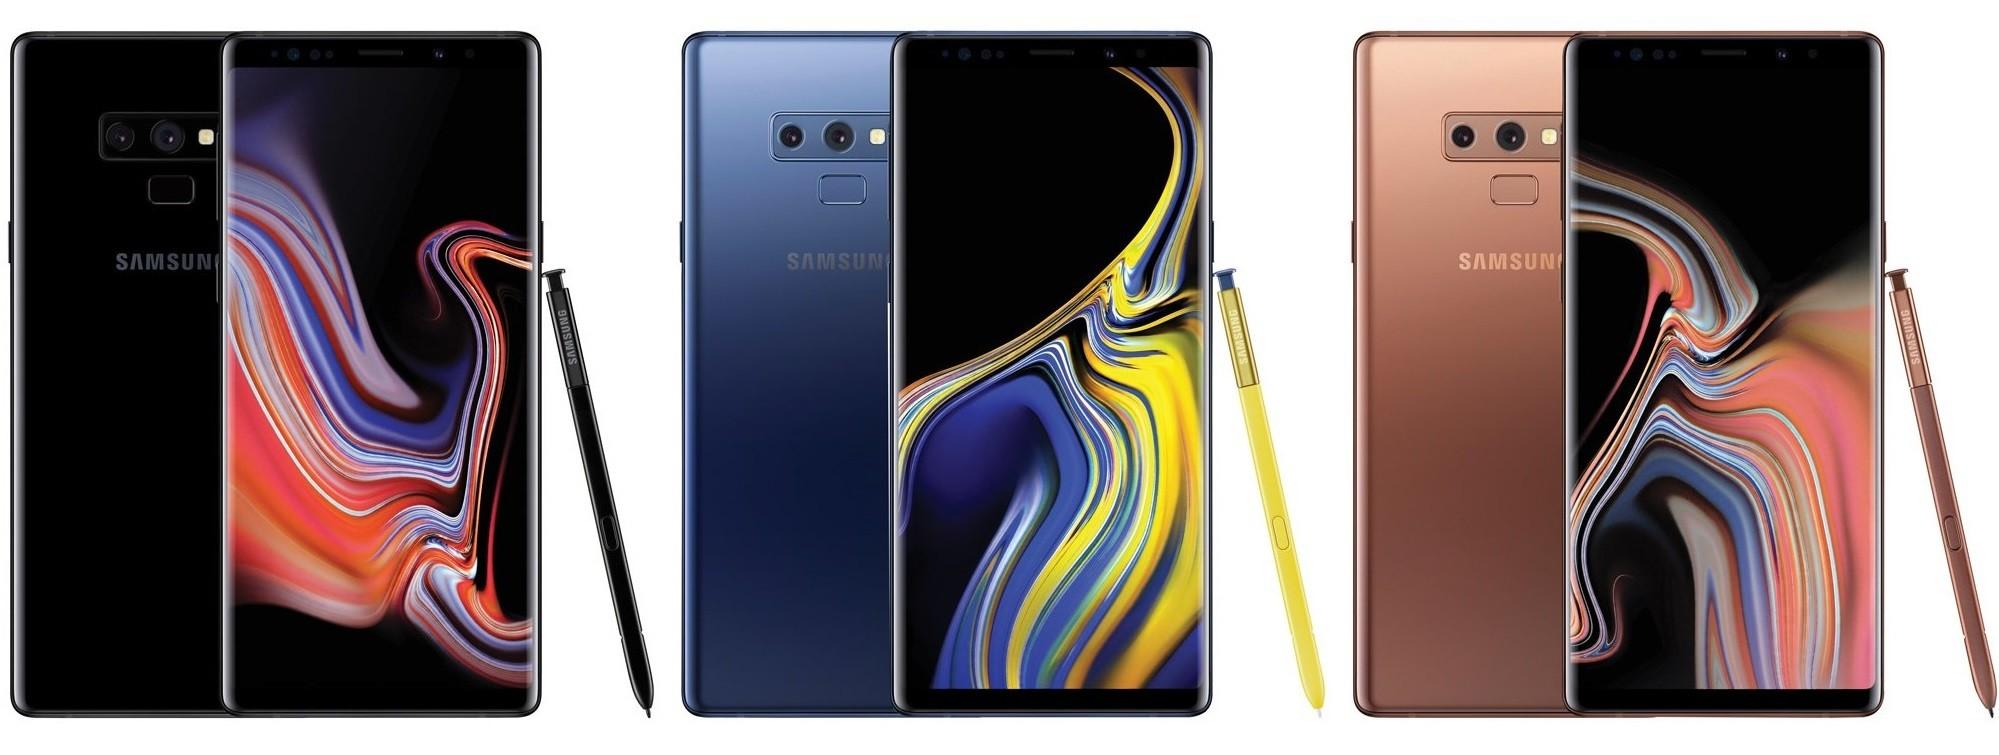 Resmi Rilis, Ini Fitur Andalan Samsung Galaxy Note 9